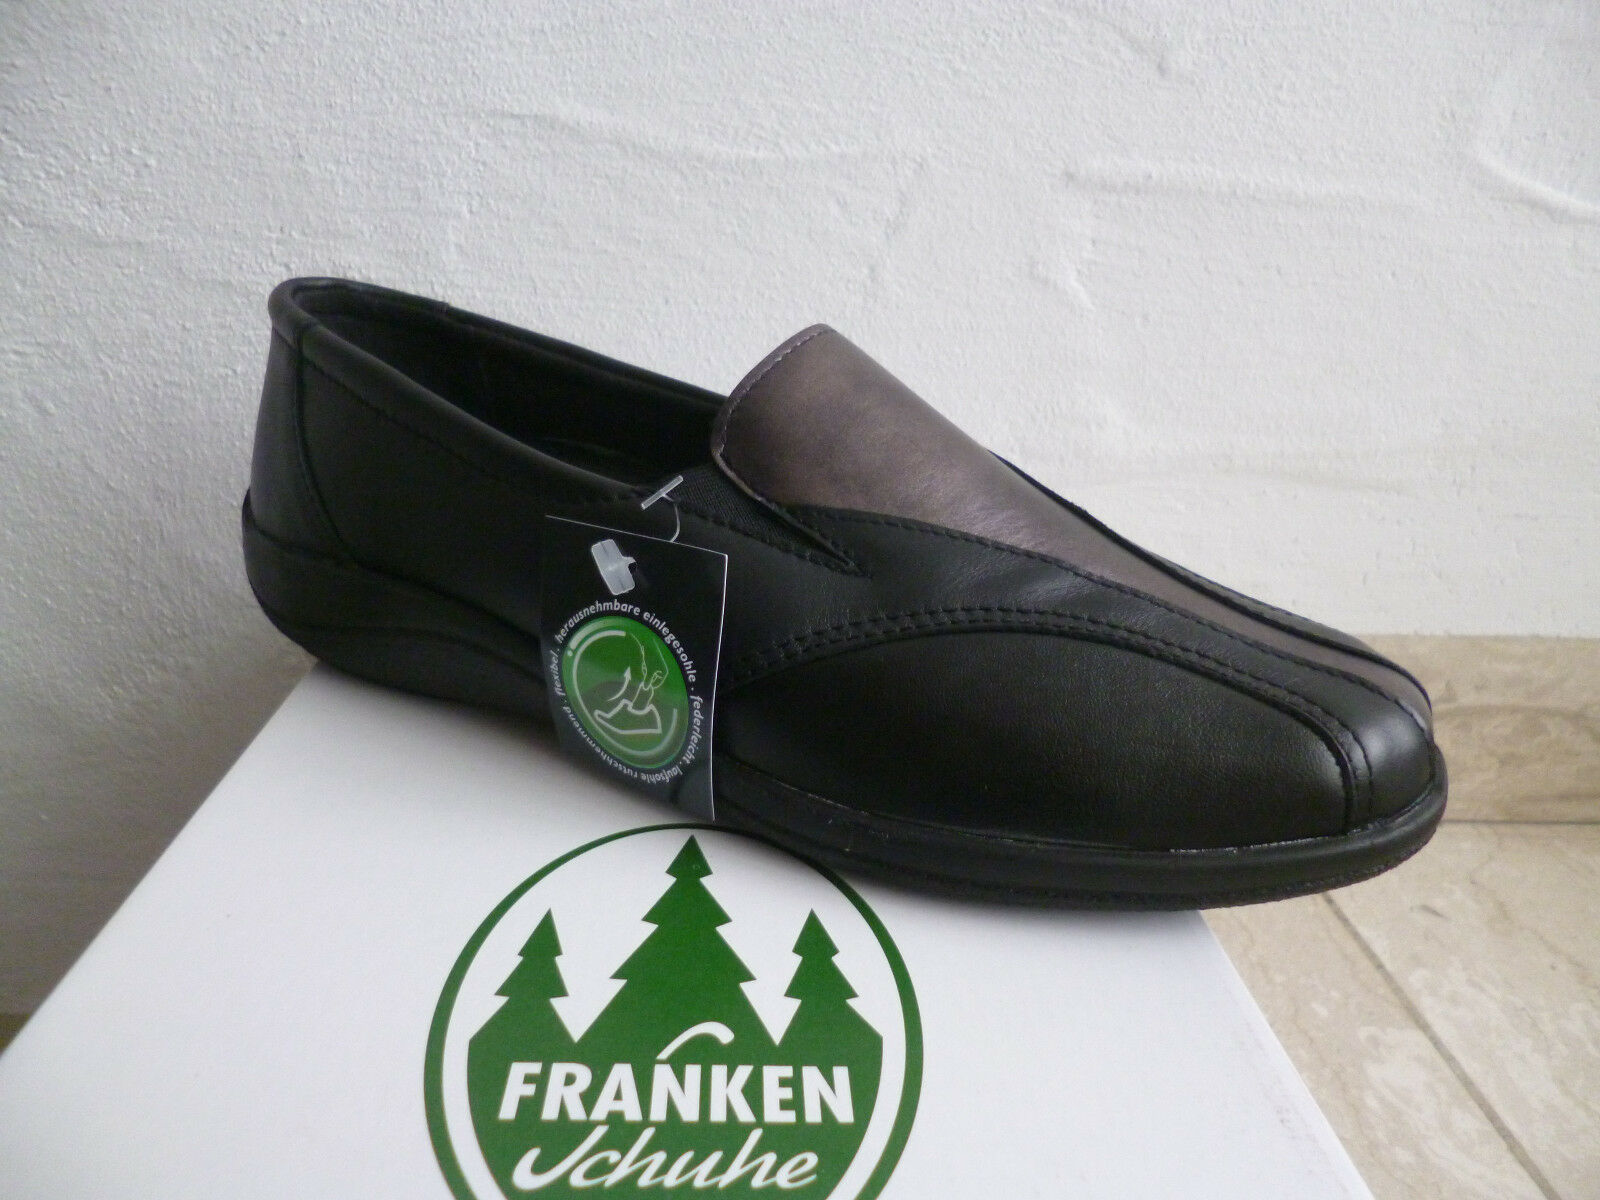 Frankenschuhe Damen Slipper Halbschuhe, Sneakers, schwarz Leder  NEU